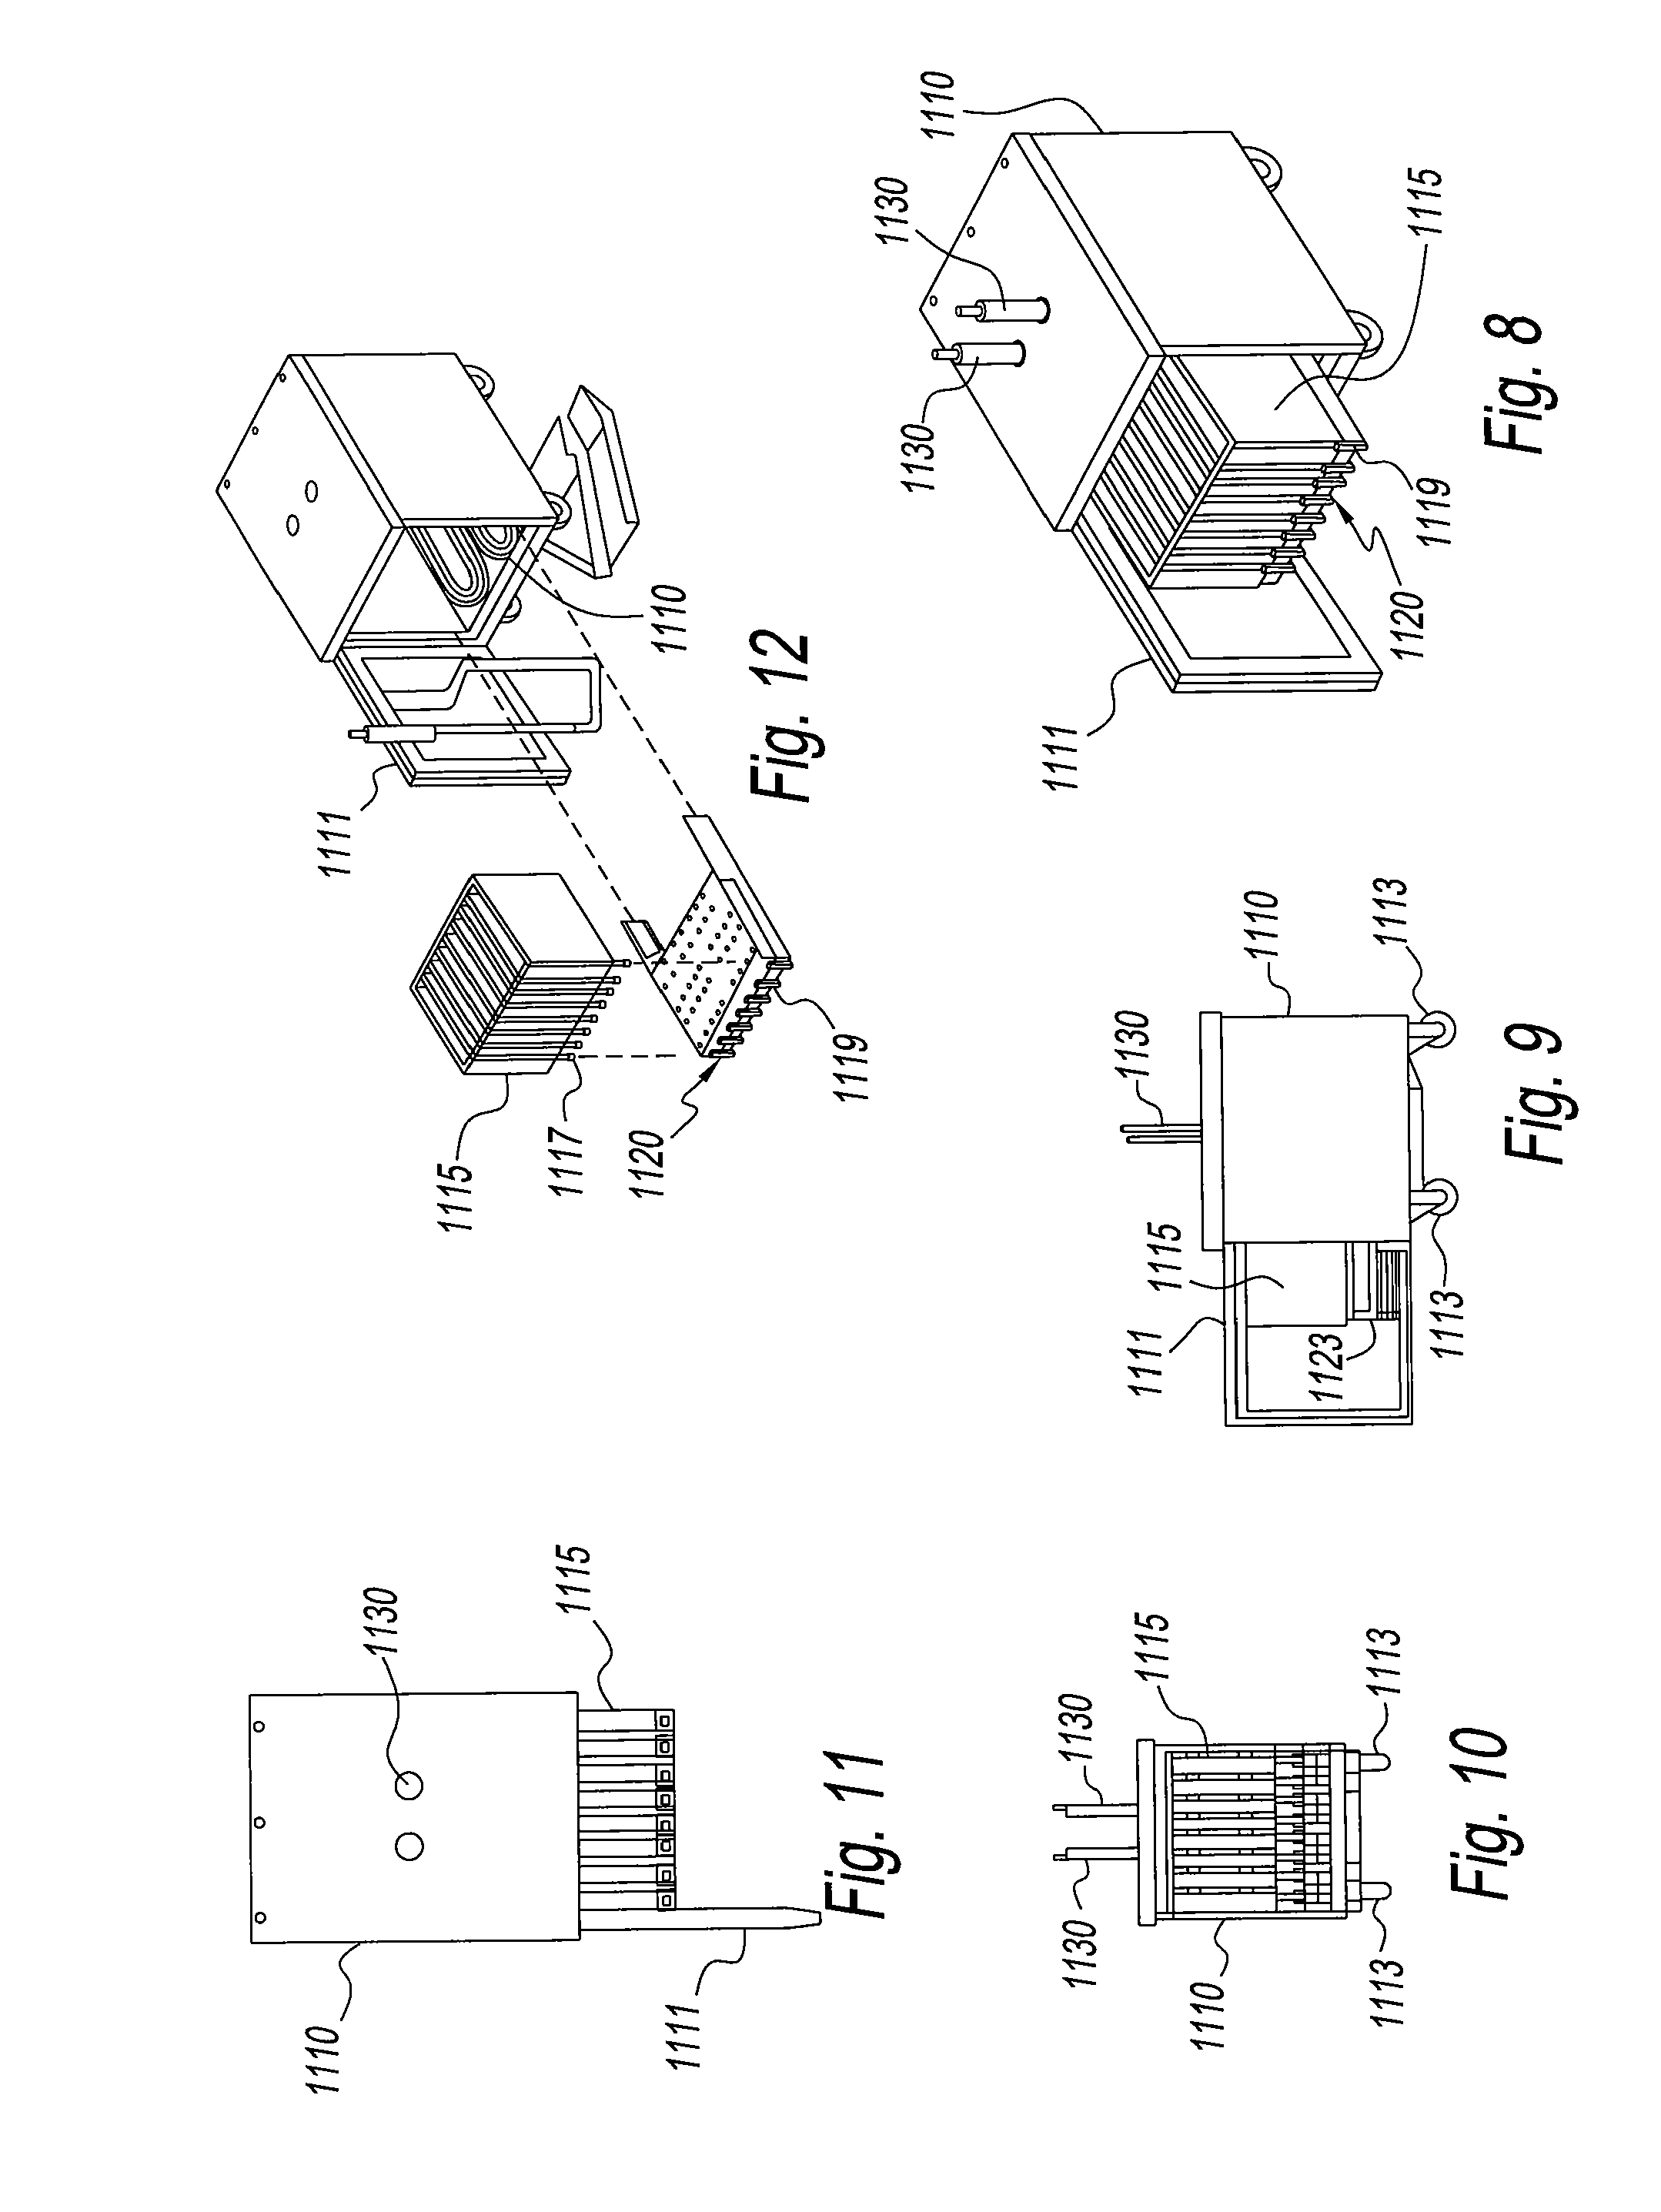 patent us8534501